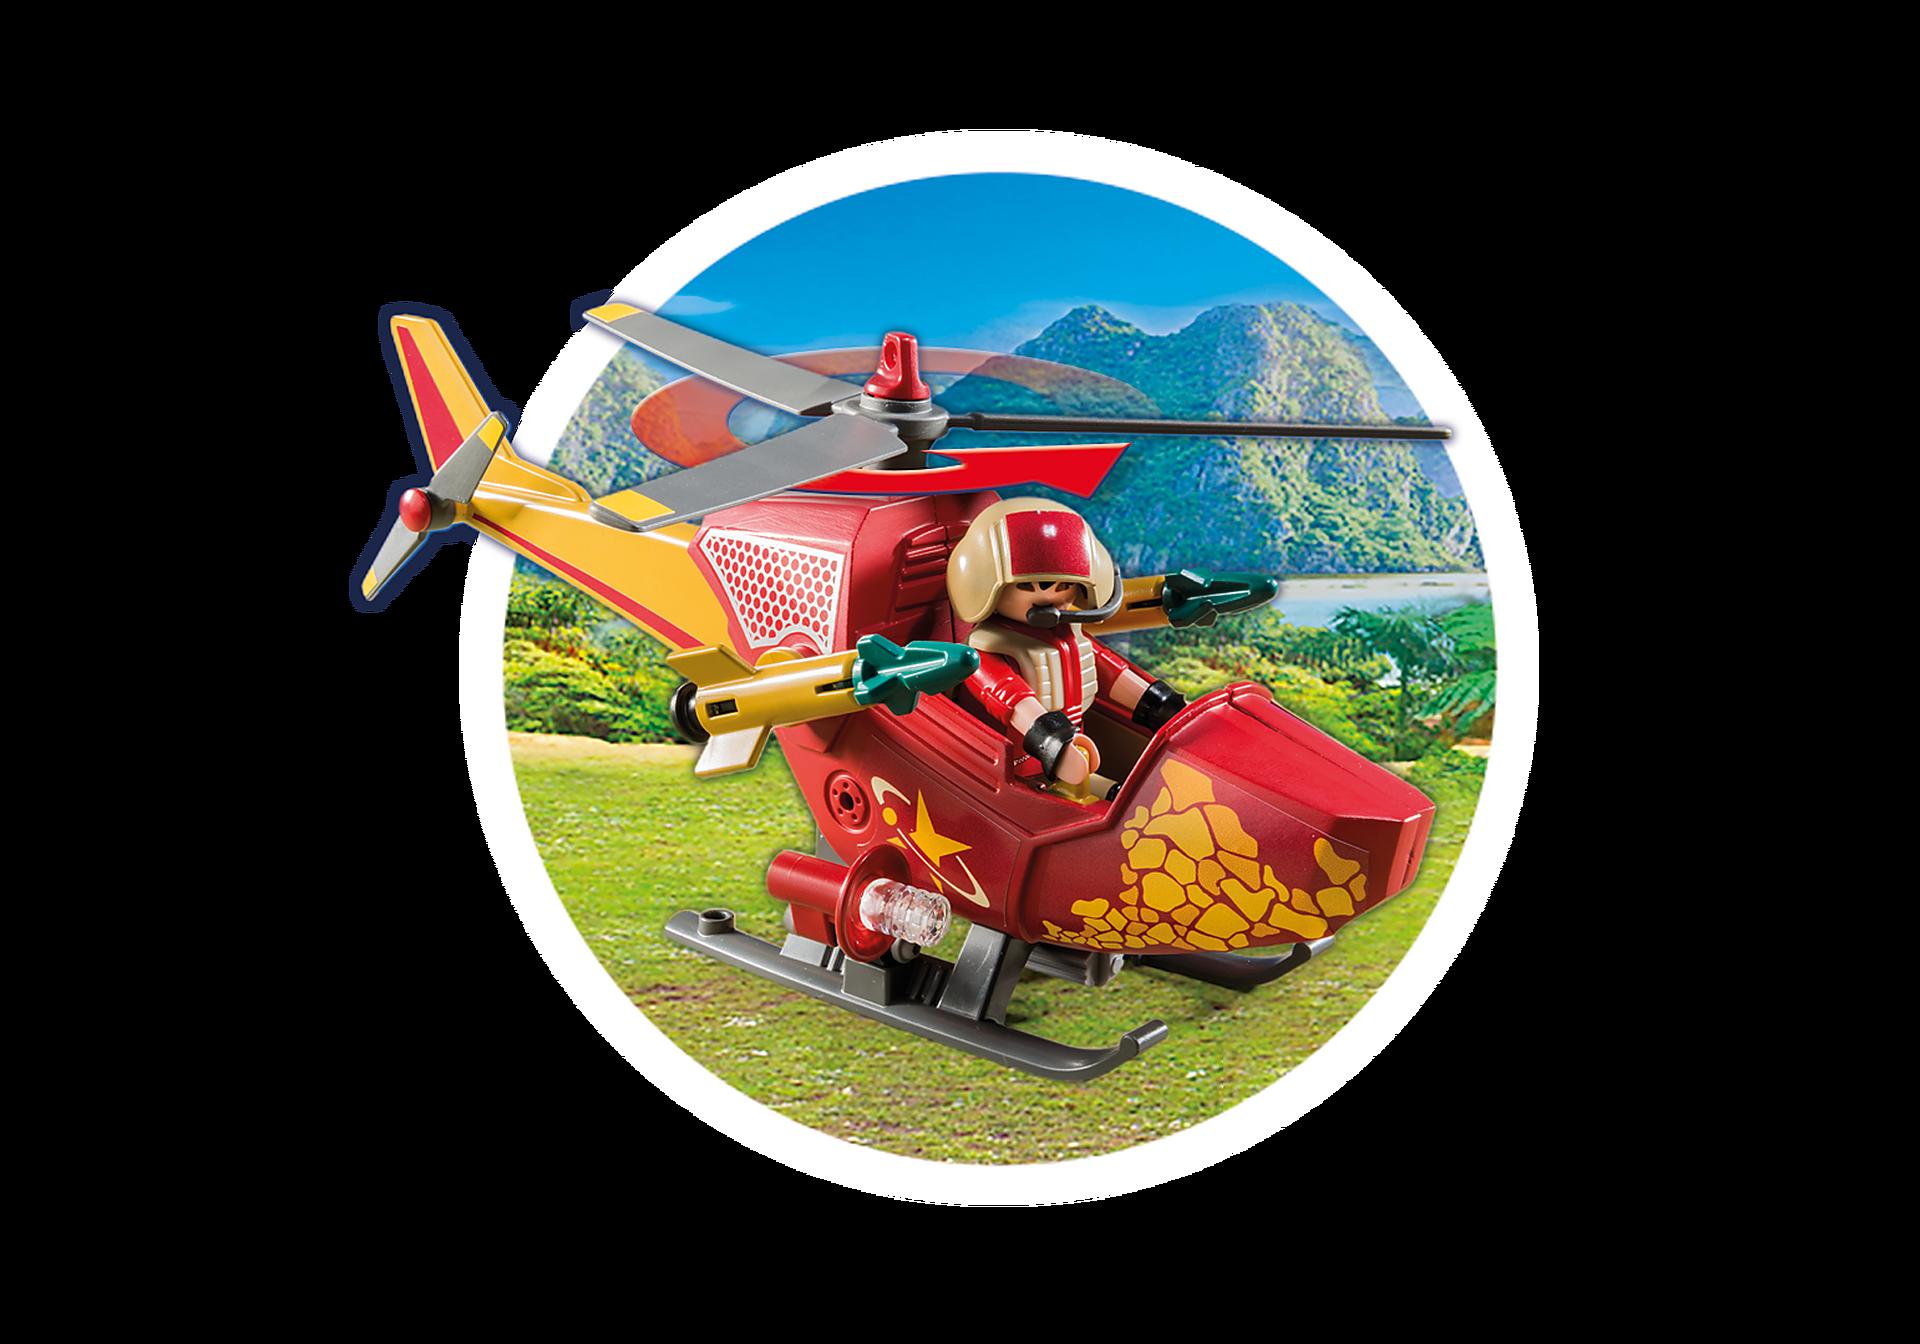 9430 Helikopter mit Flugsaurier zoom image7